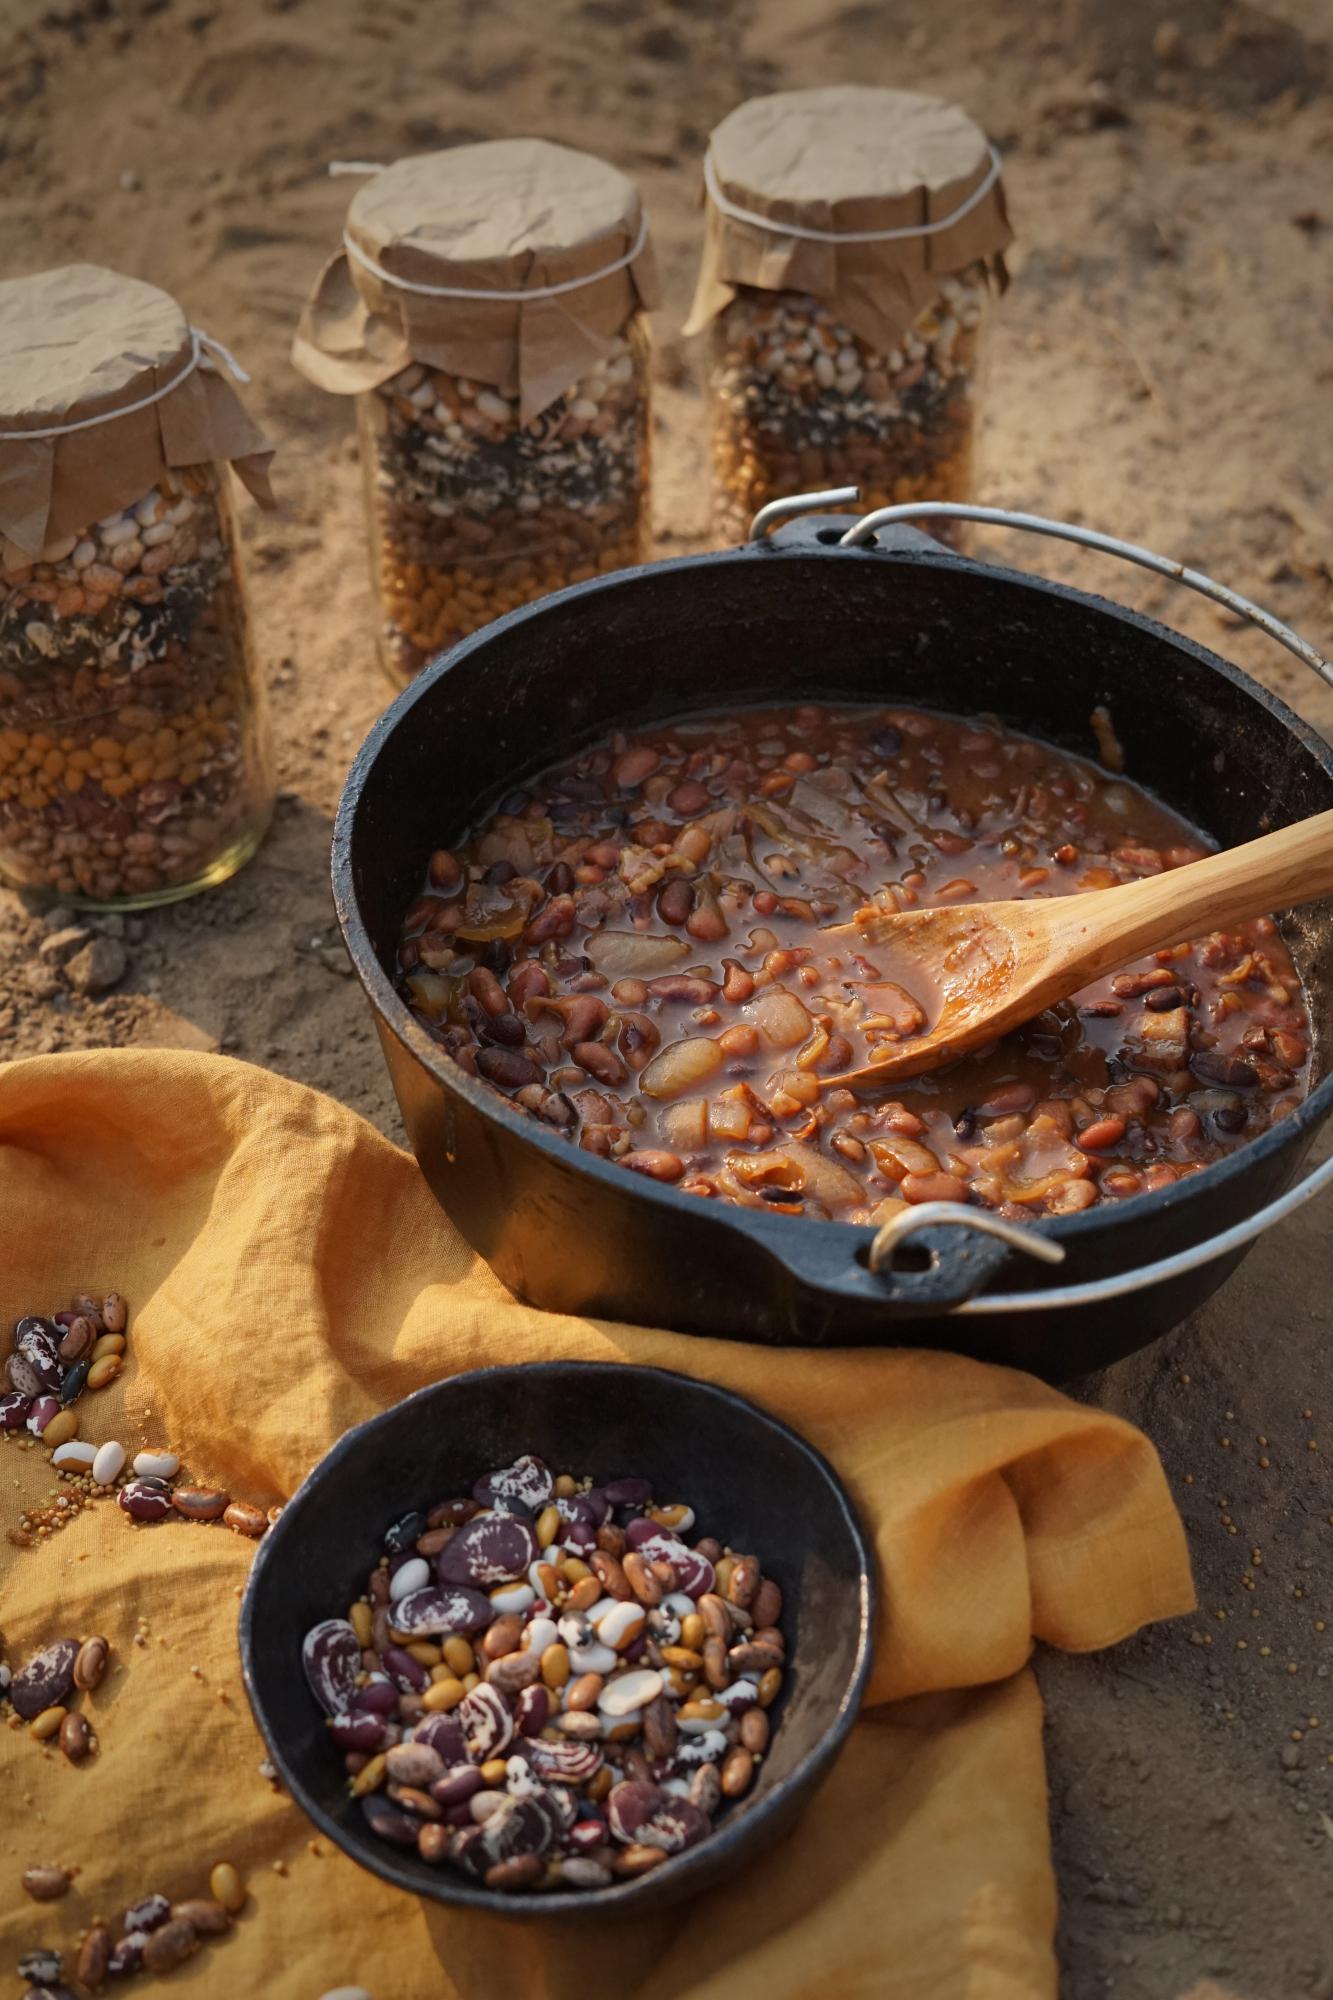 beanholebeans2small.jpg